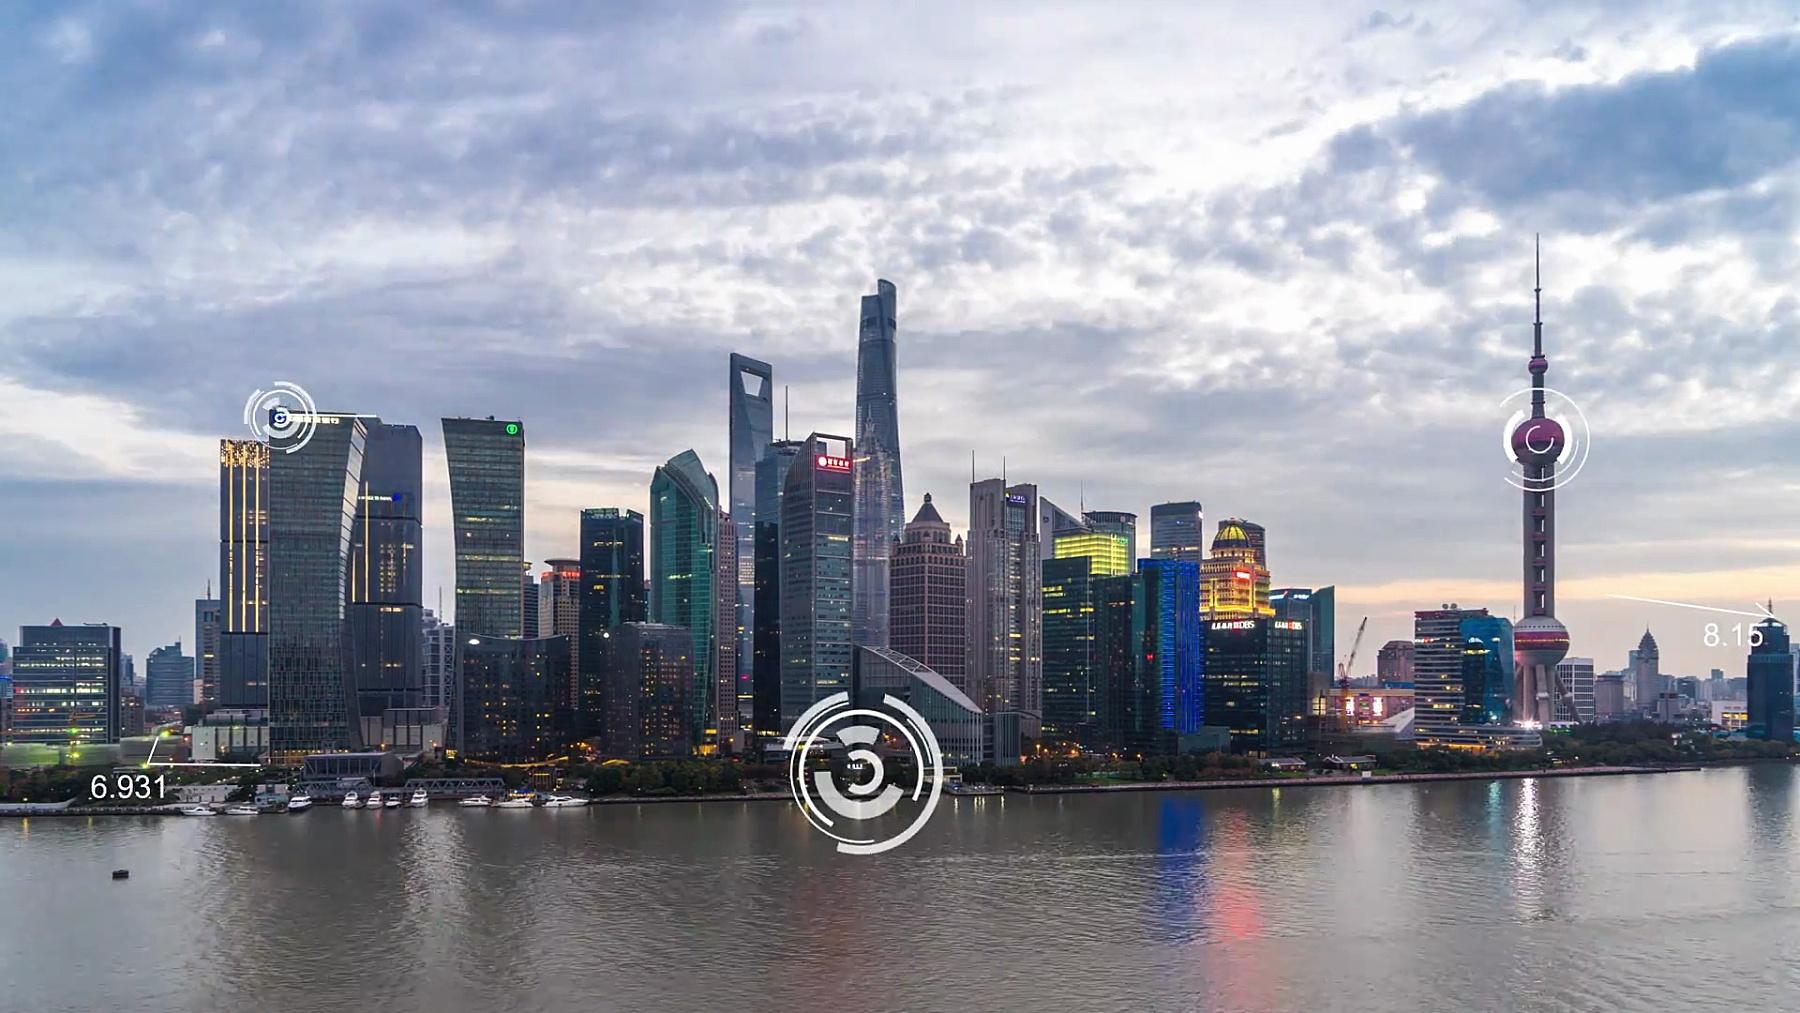 现代智能城市市中心的现代建筑。延时